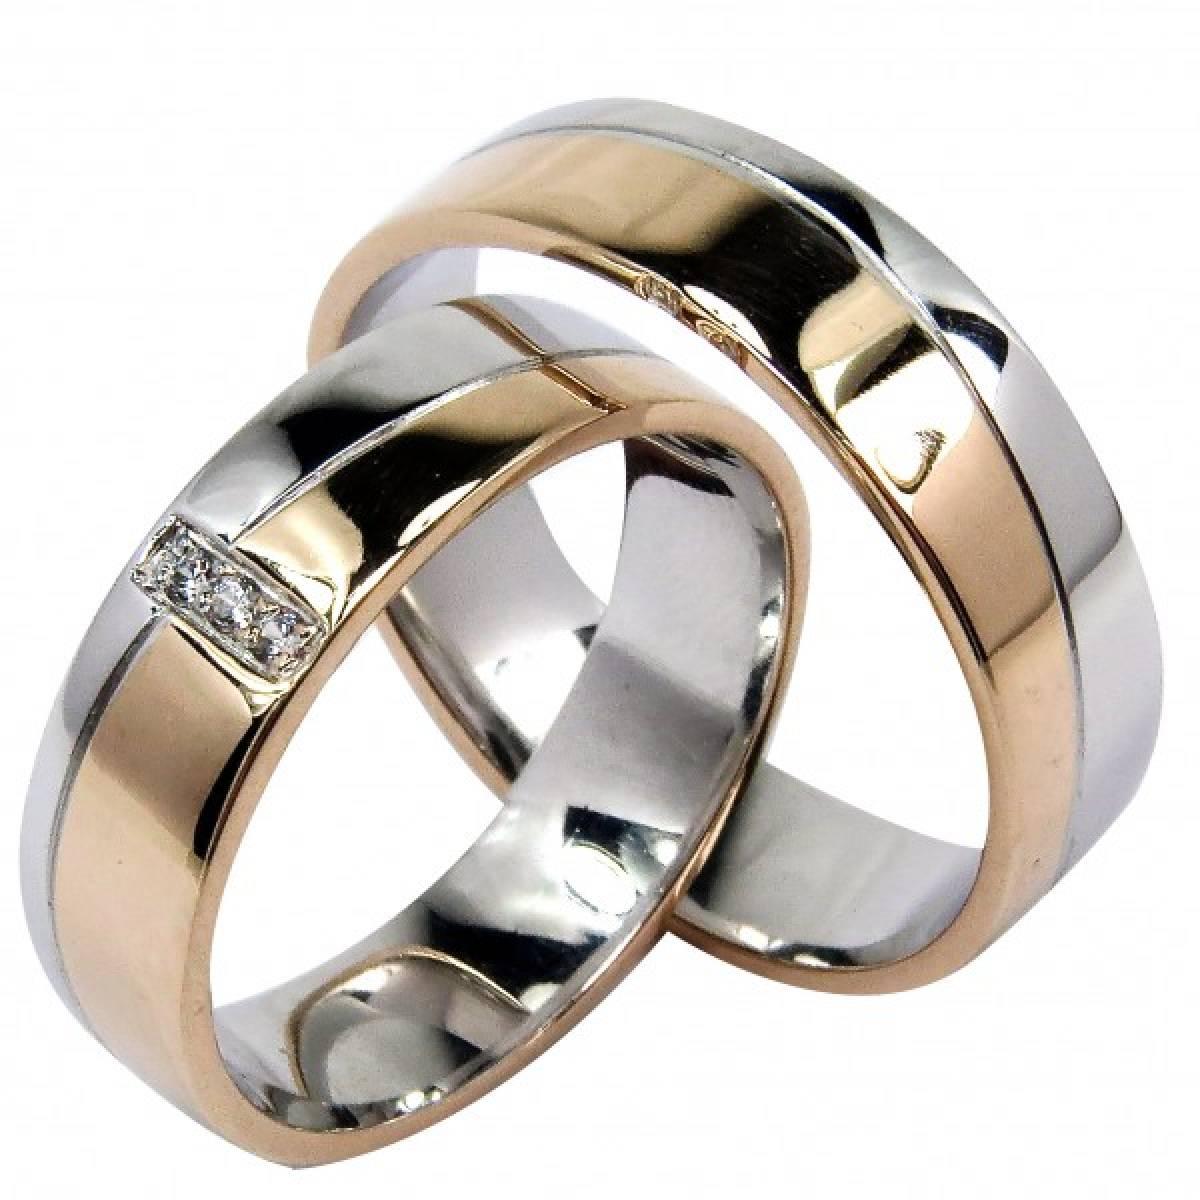 Alianças de casamento em ouro de 9 e 19 kts, com diamantes ou zircónias